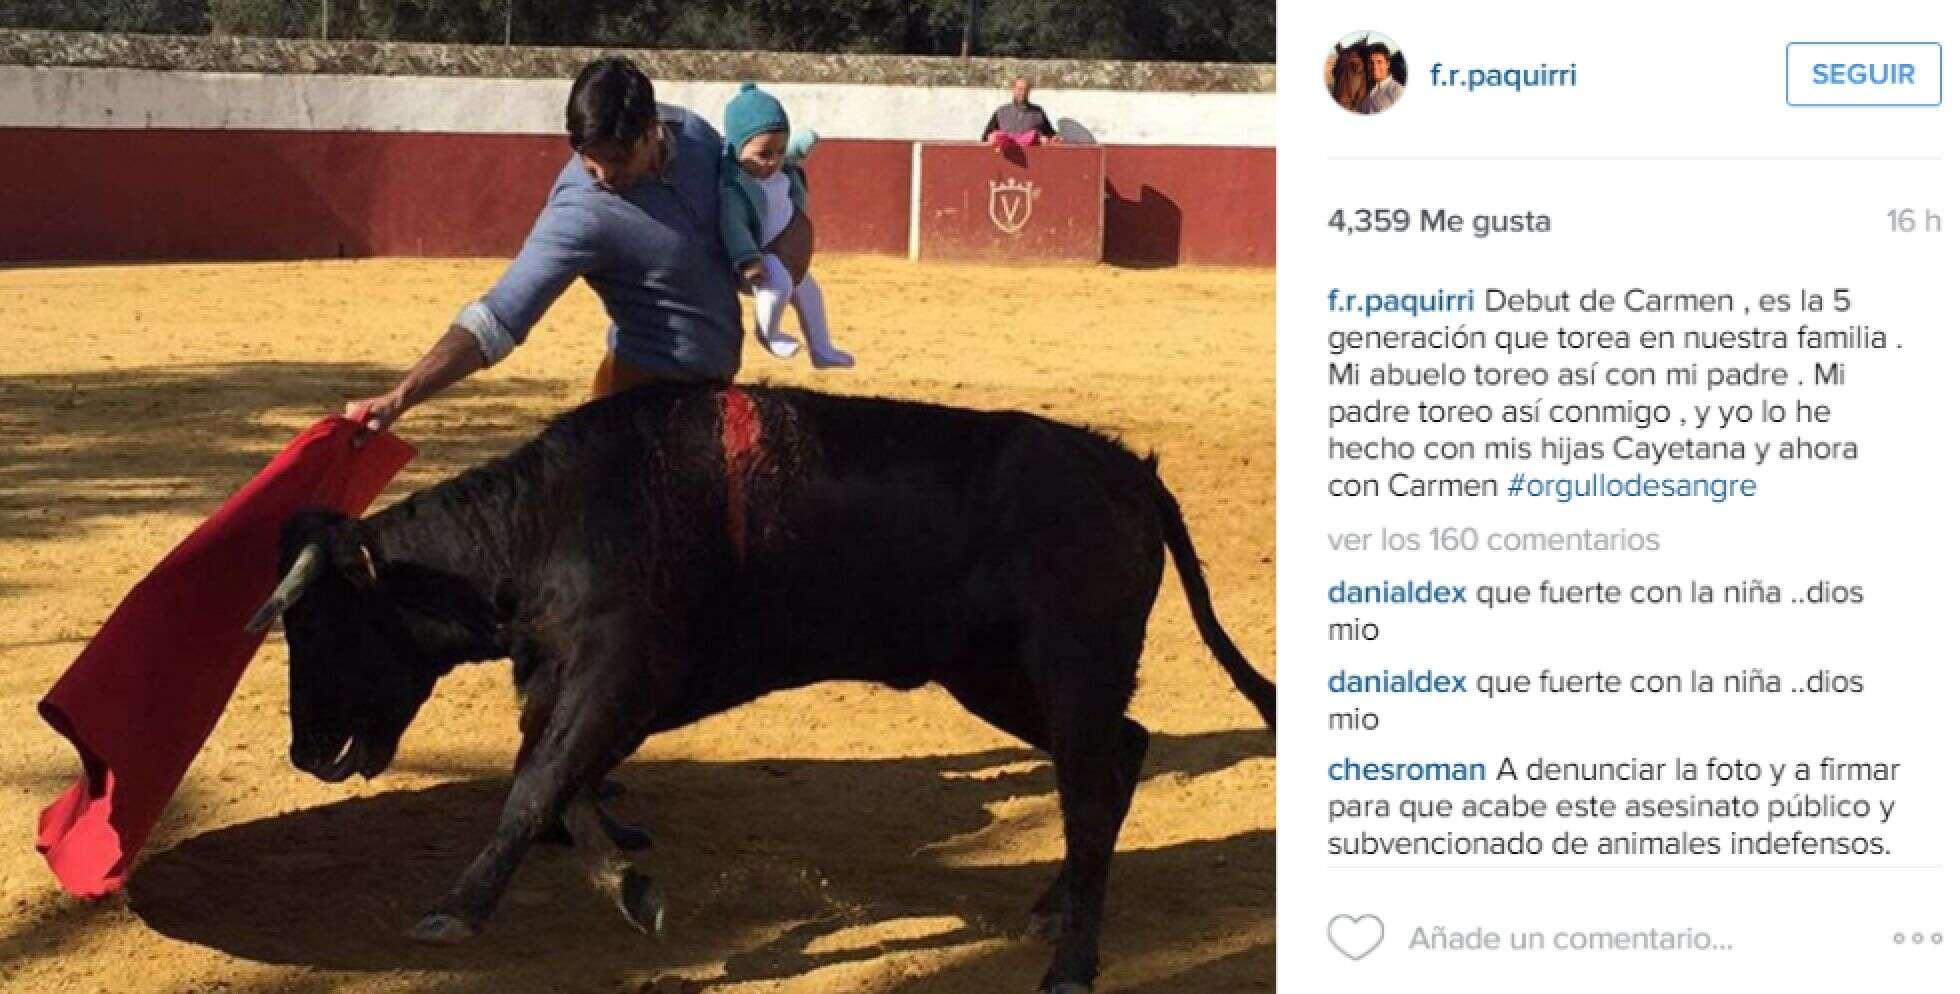 Toureiro causa revolta ao postar foto encarando touro enquanto carregava filha bebê no colo